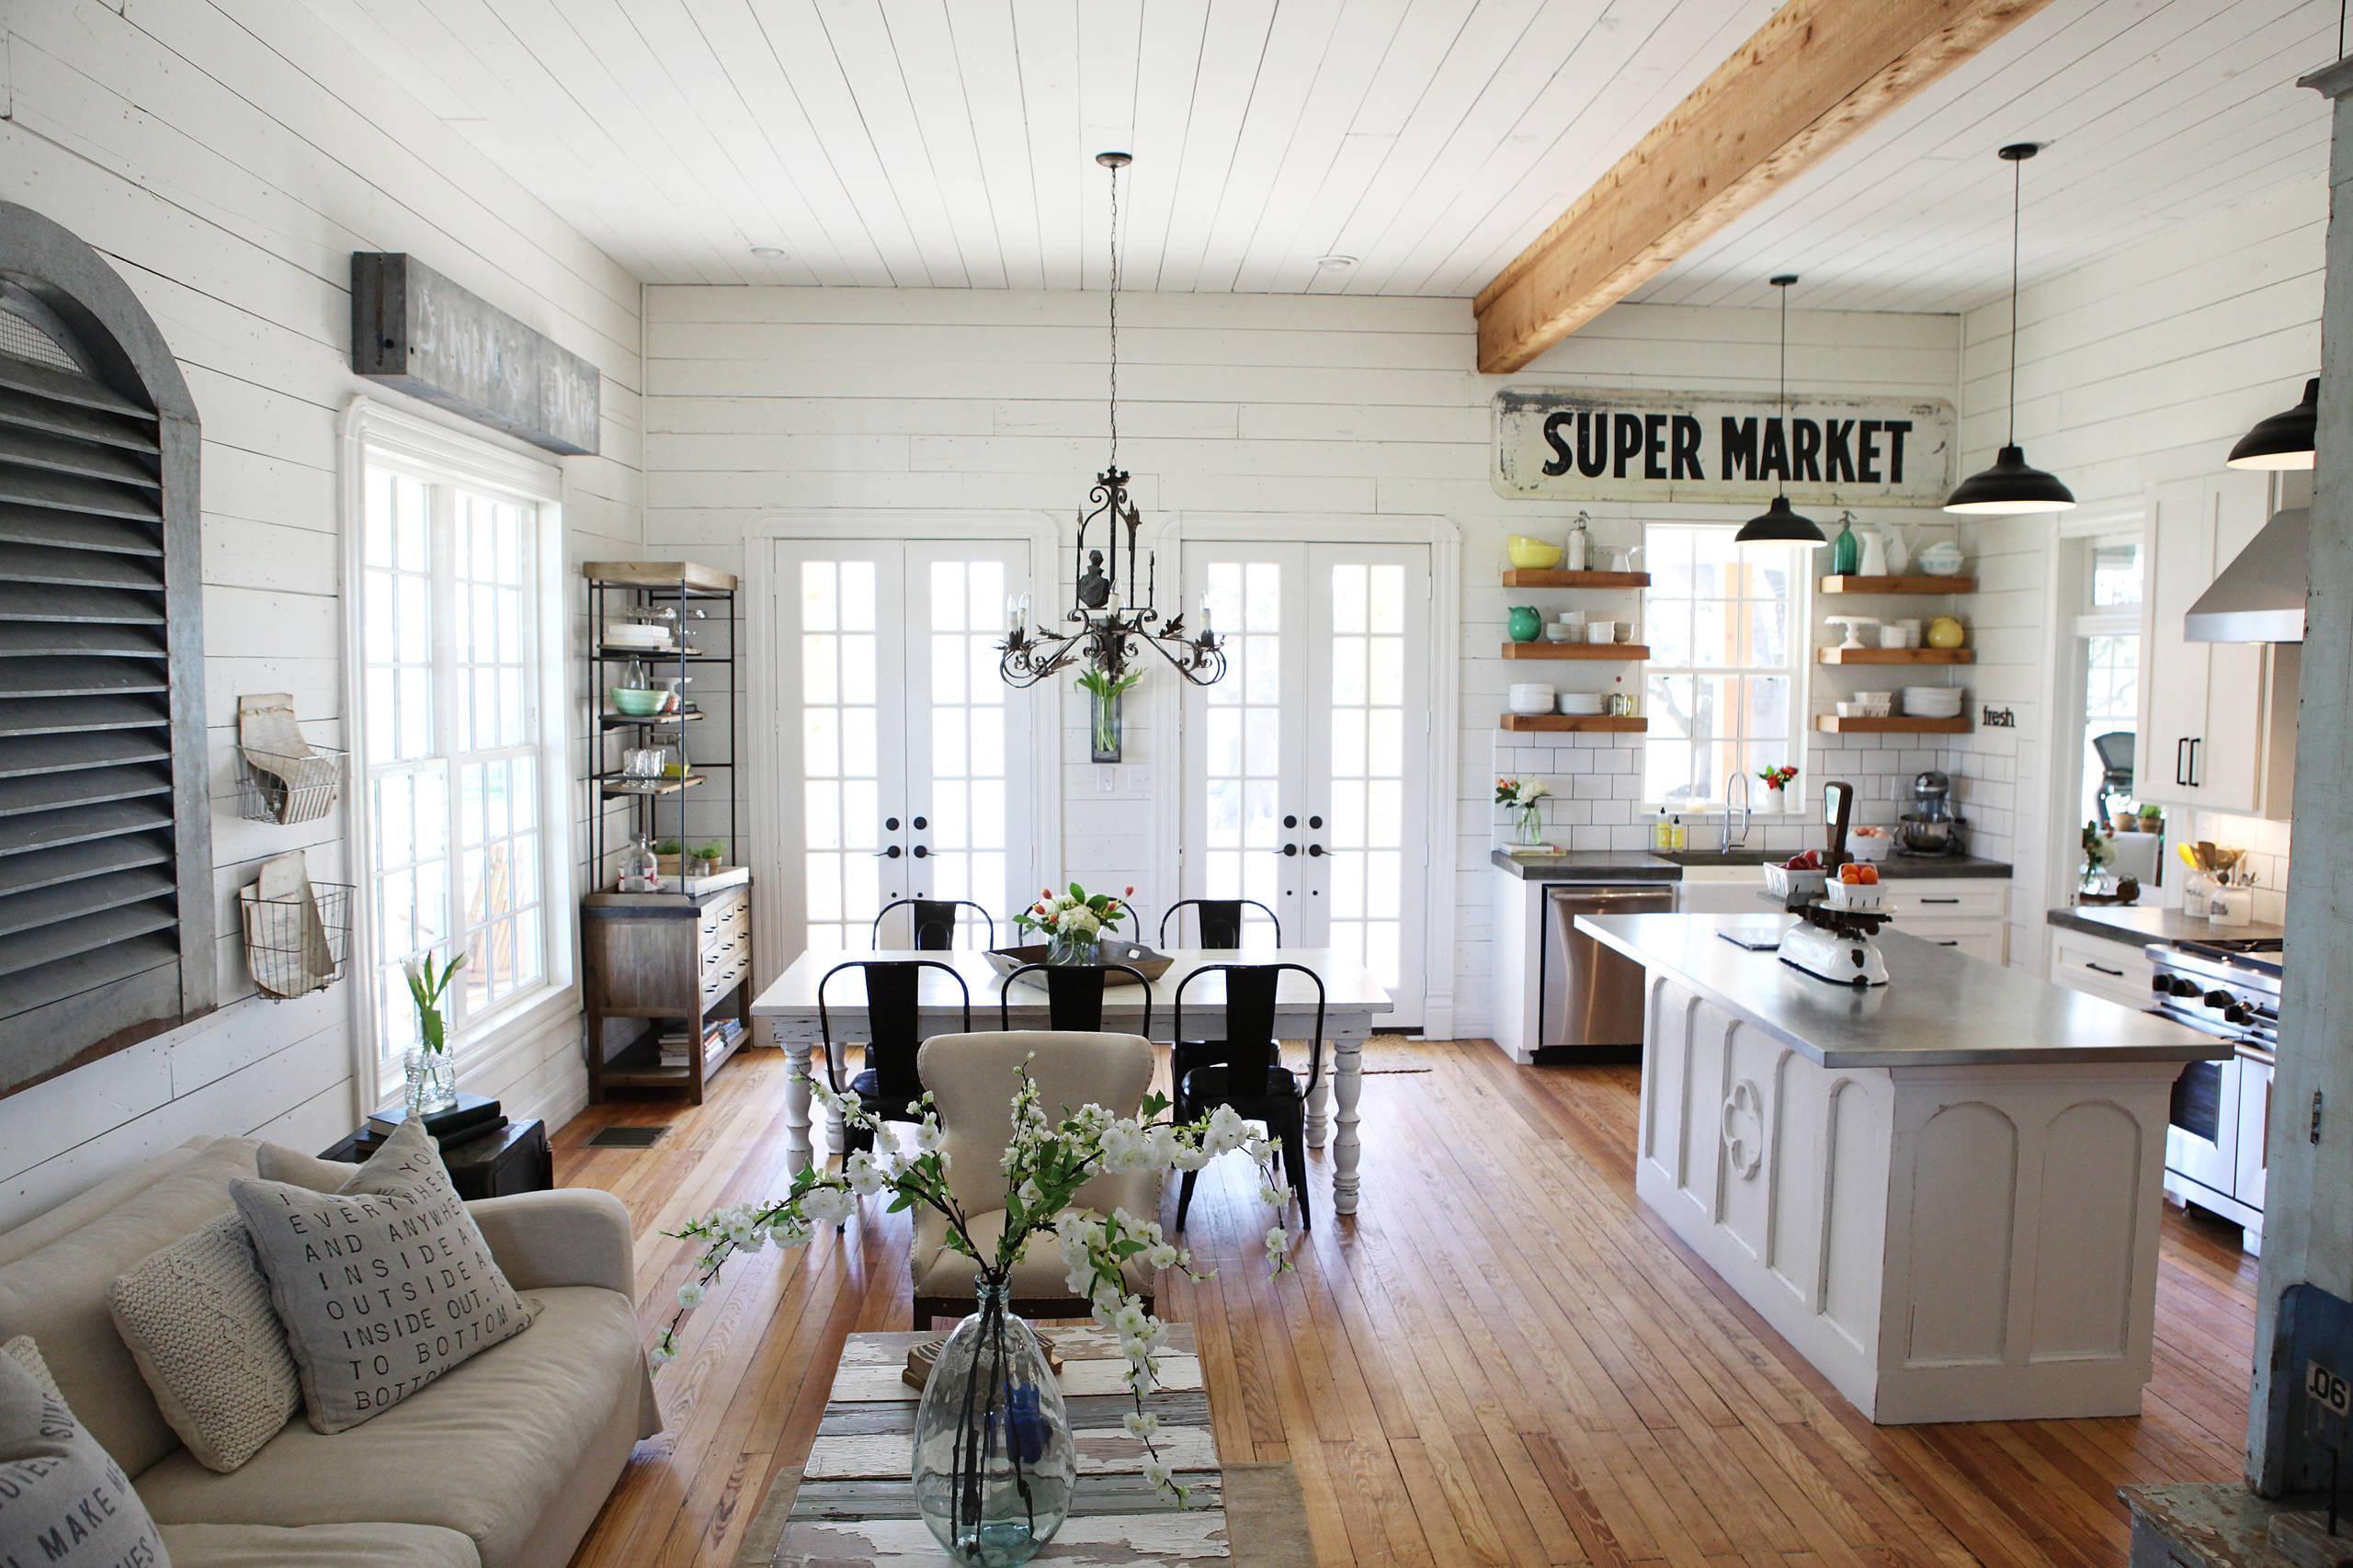 Magnolia Living Room Ideas Photos Houzz